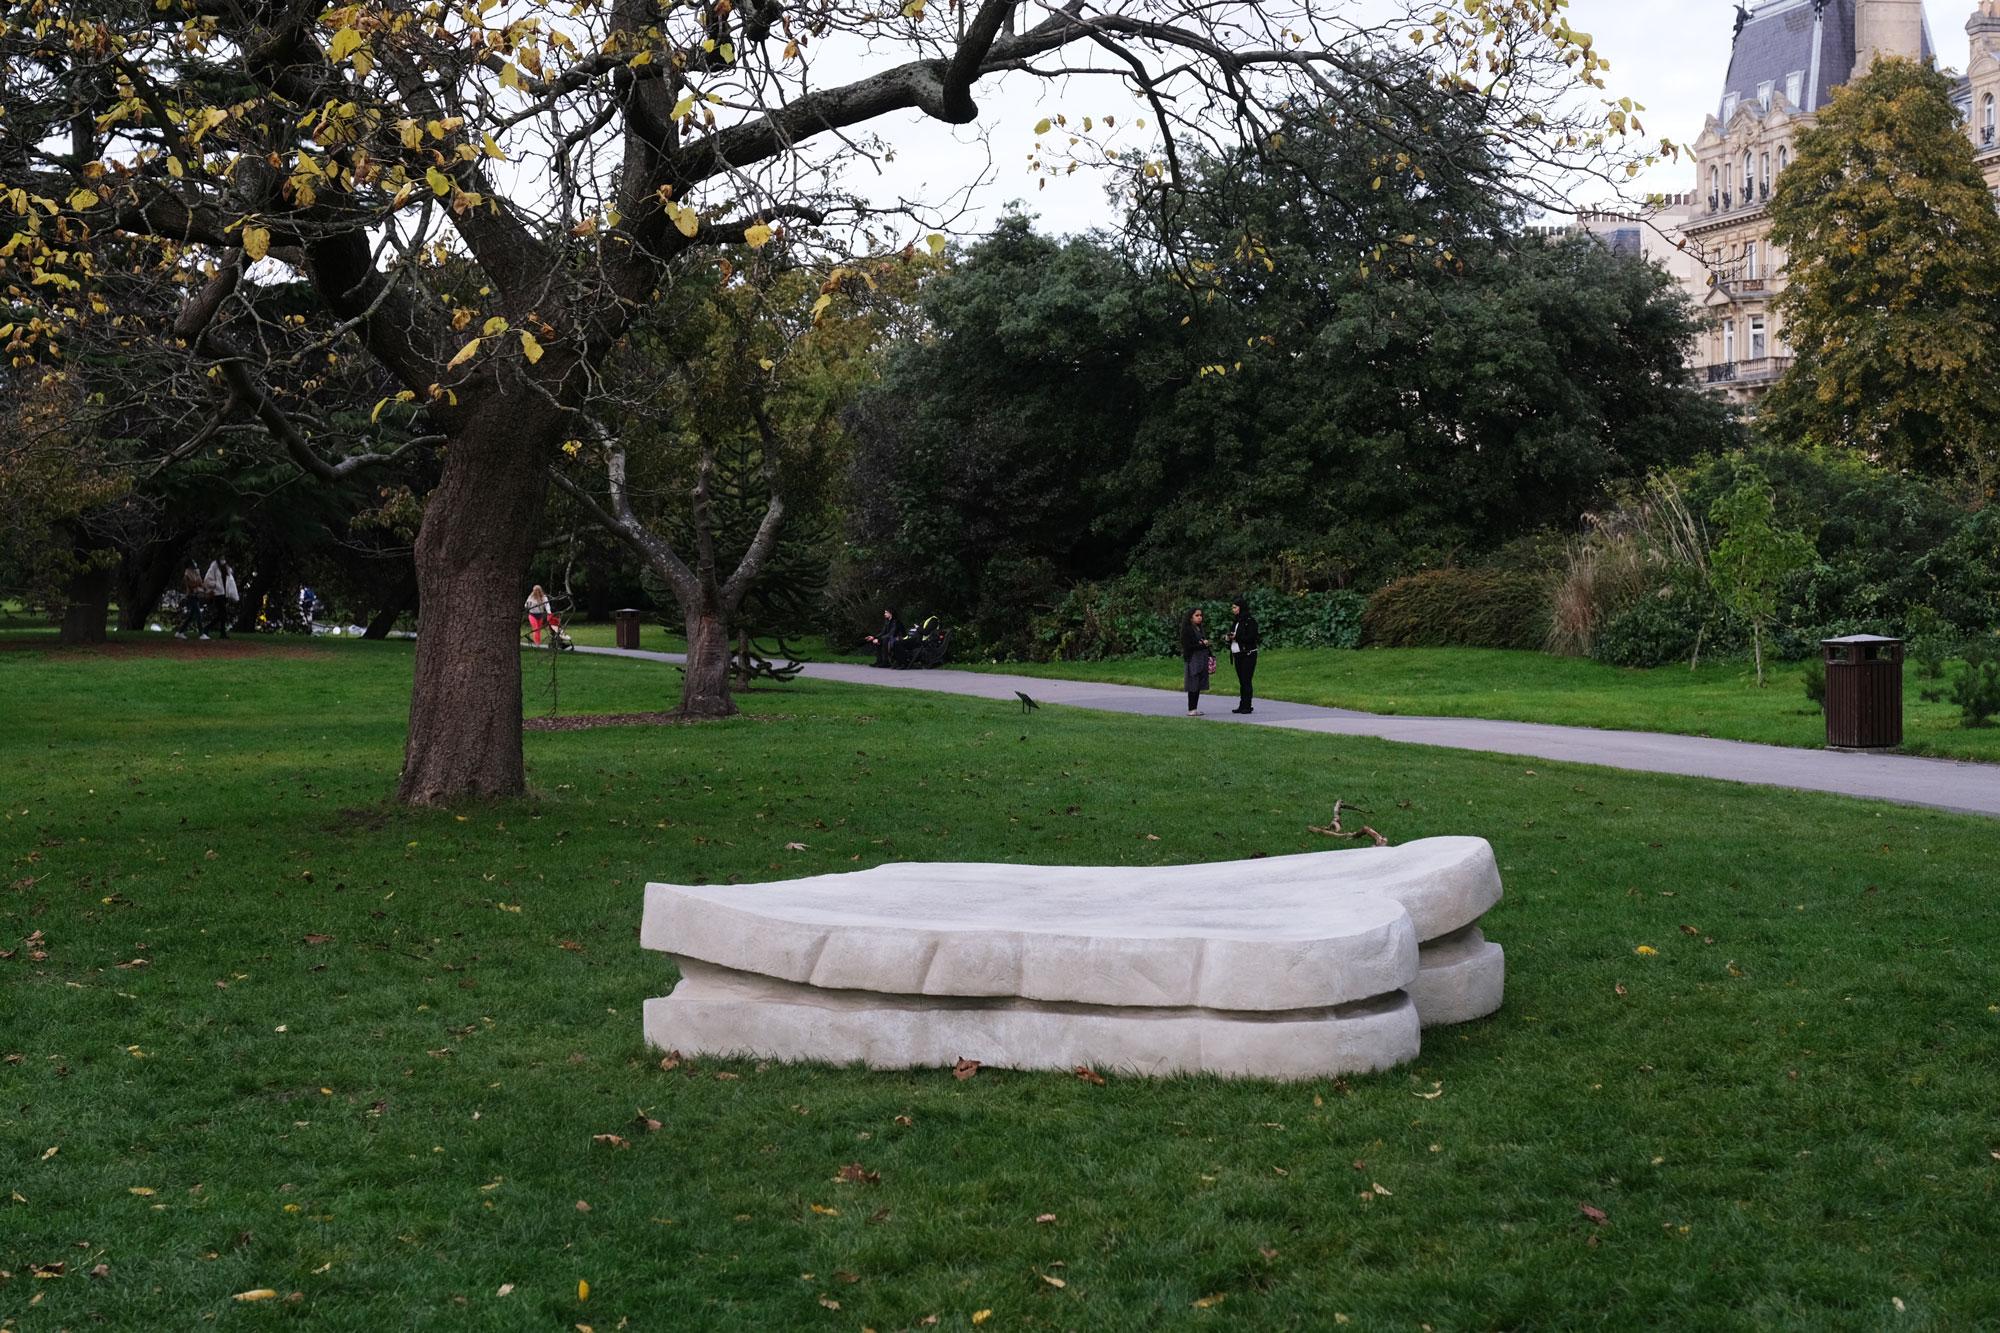 Sarah Lucas, 'Sandwich (2011 – 2020)'. Sadie Coles HQ, Frieze Sculpture 2020. Photography: Rosella Degori / The Spaces